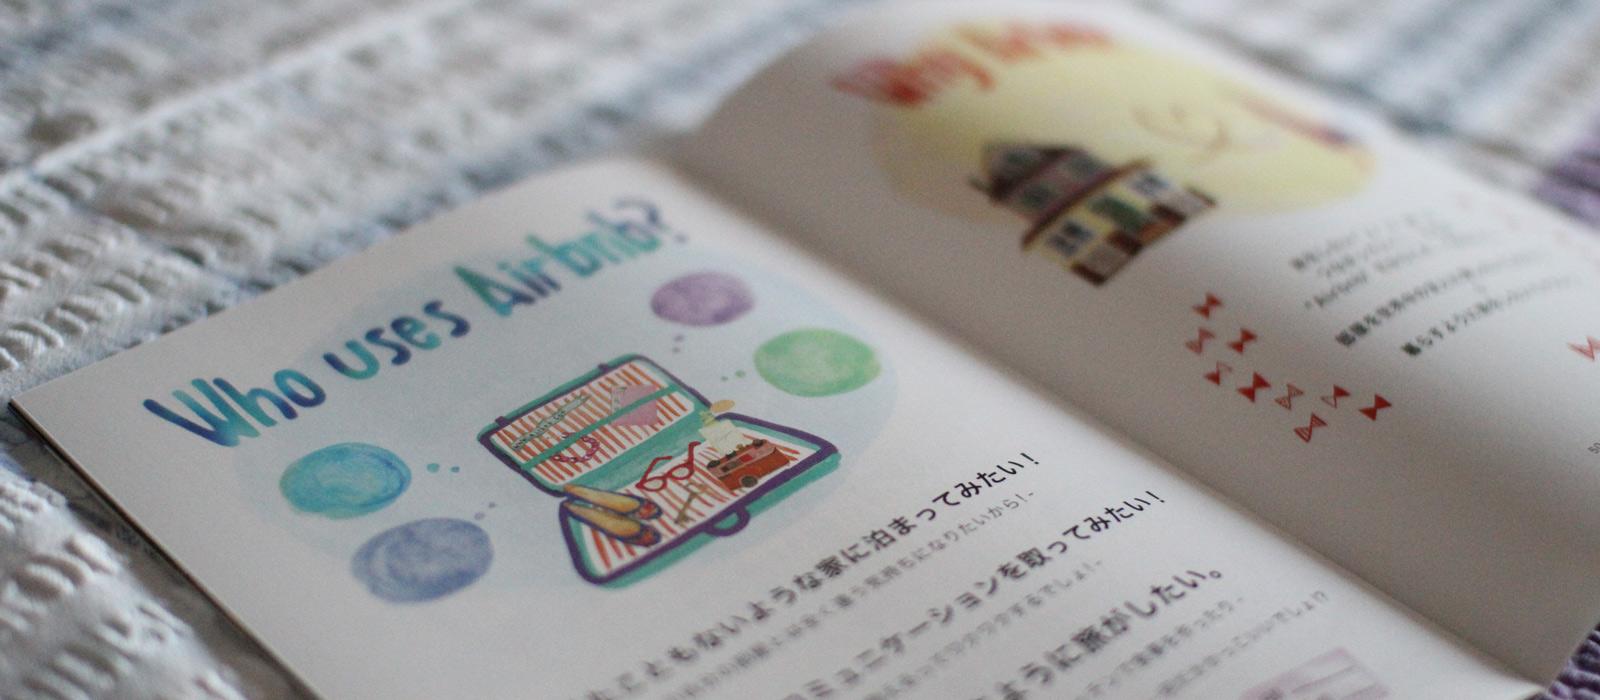 AIR BNB BOOK BY TRUNK